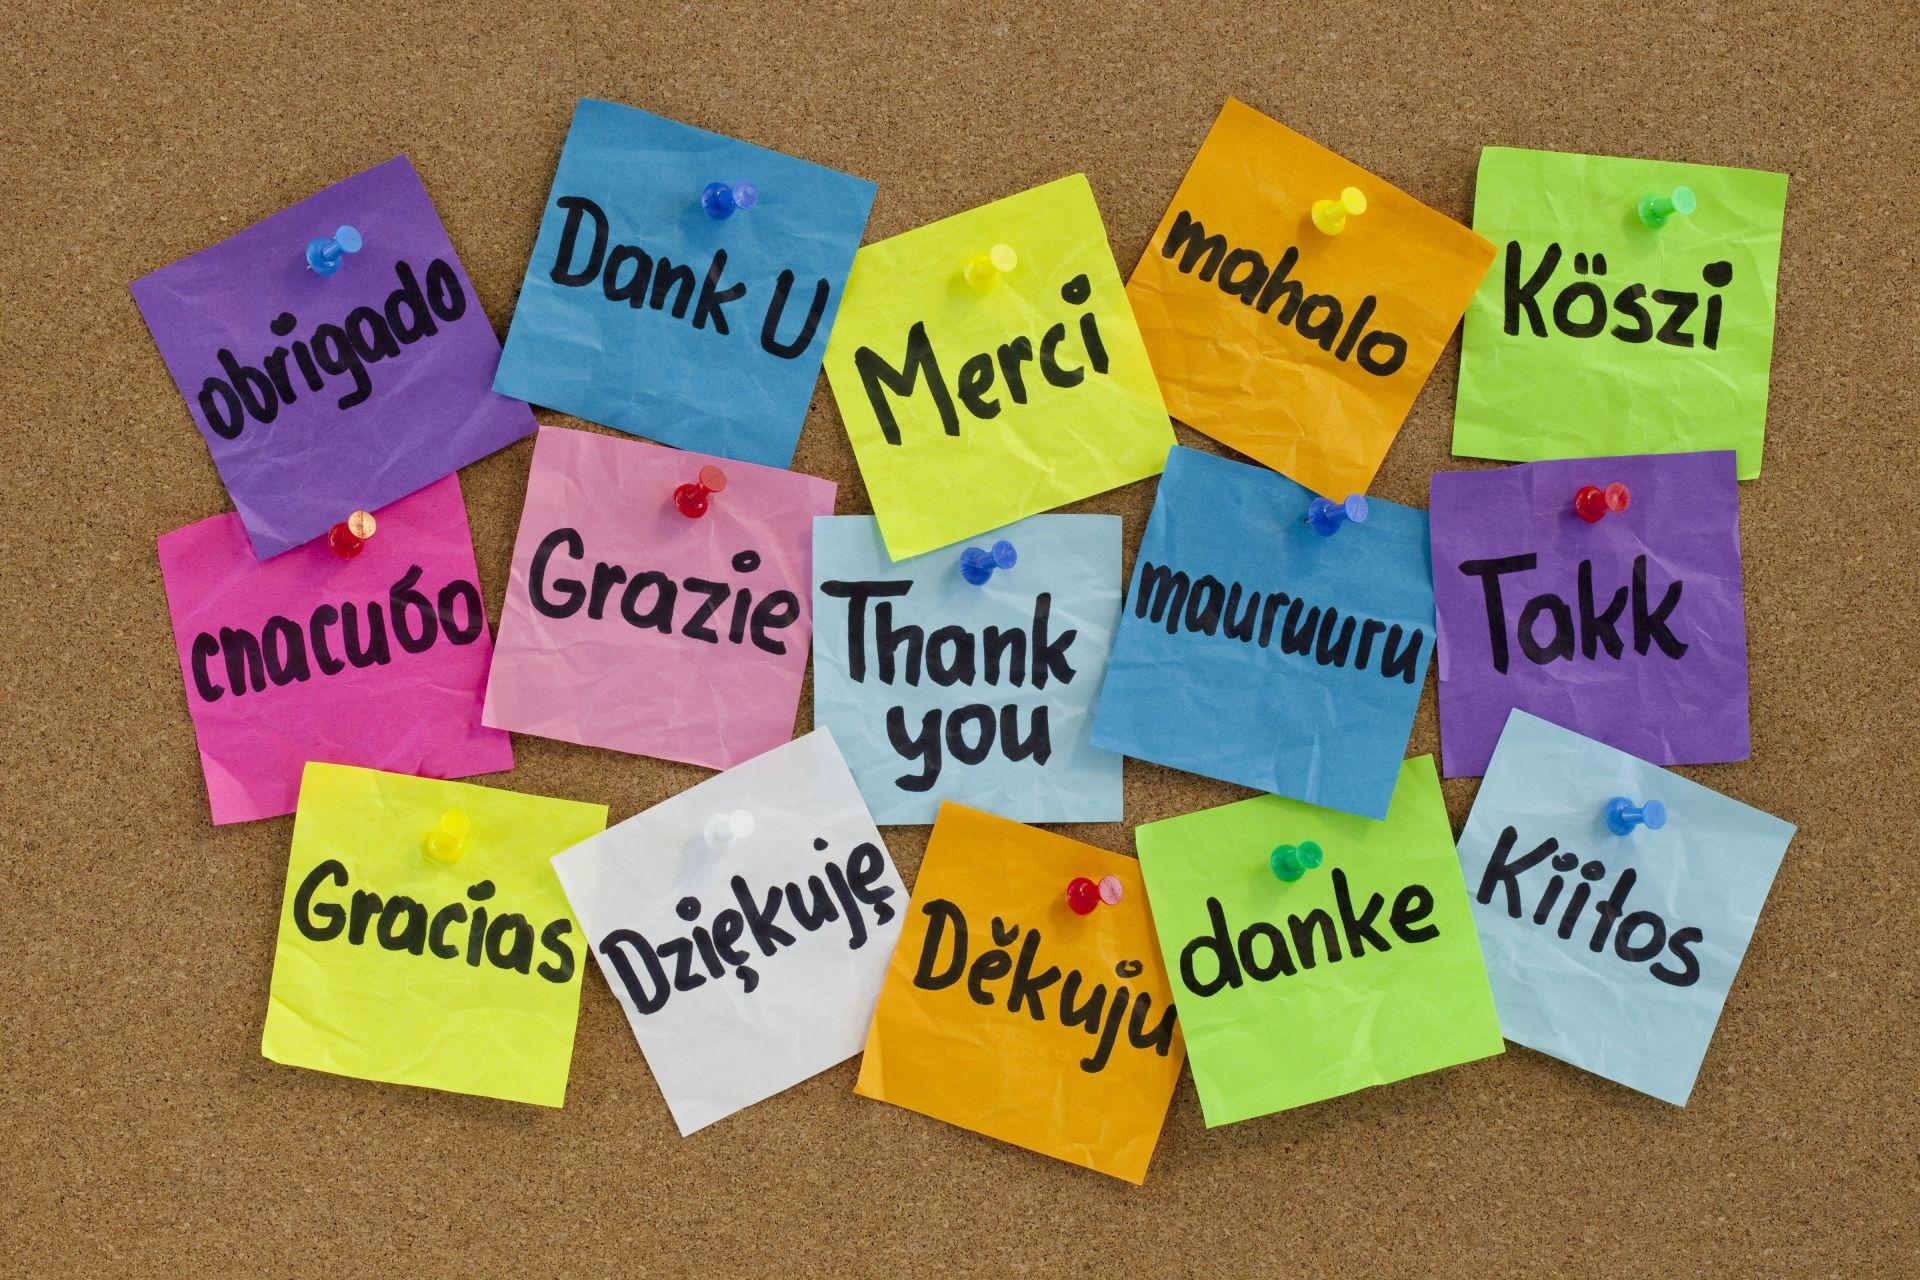 спасибо за поздравления перевод на английский проводилась